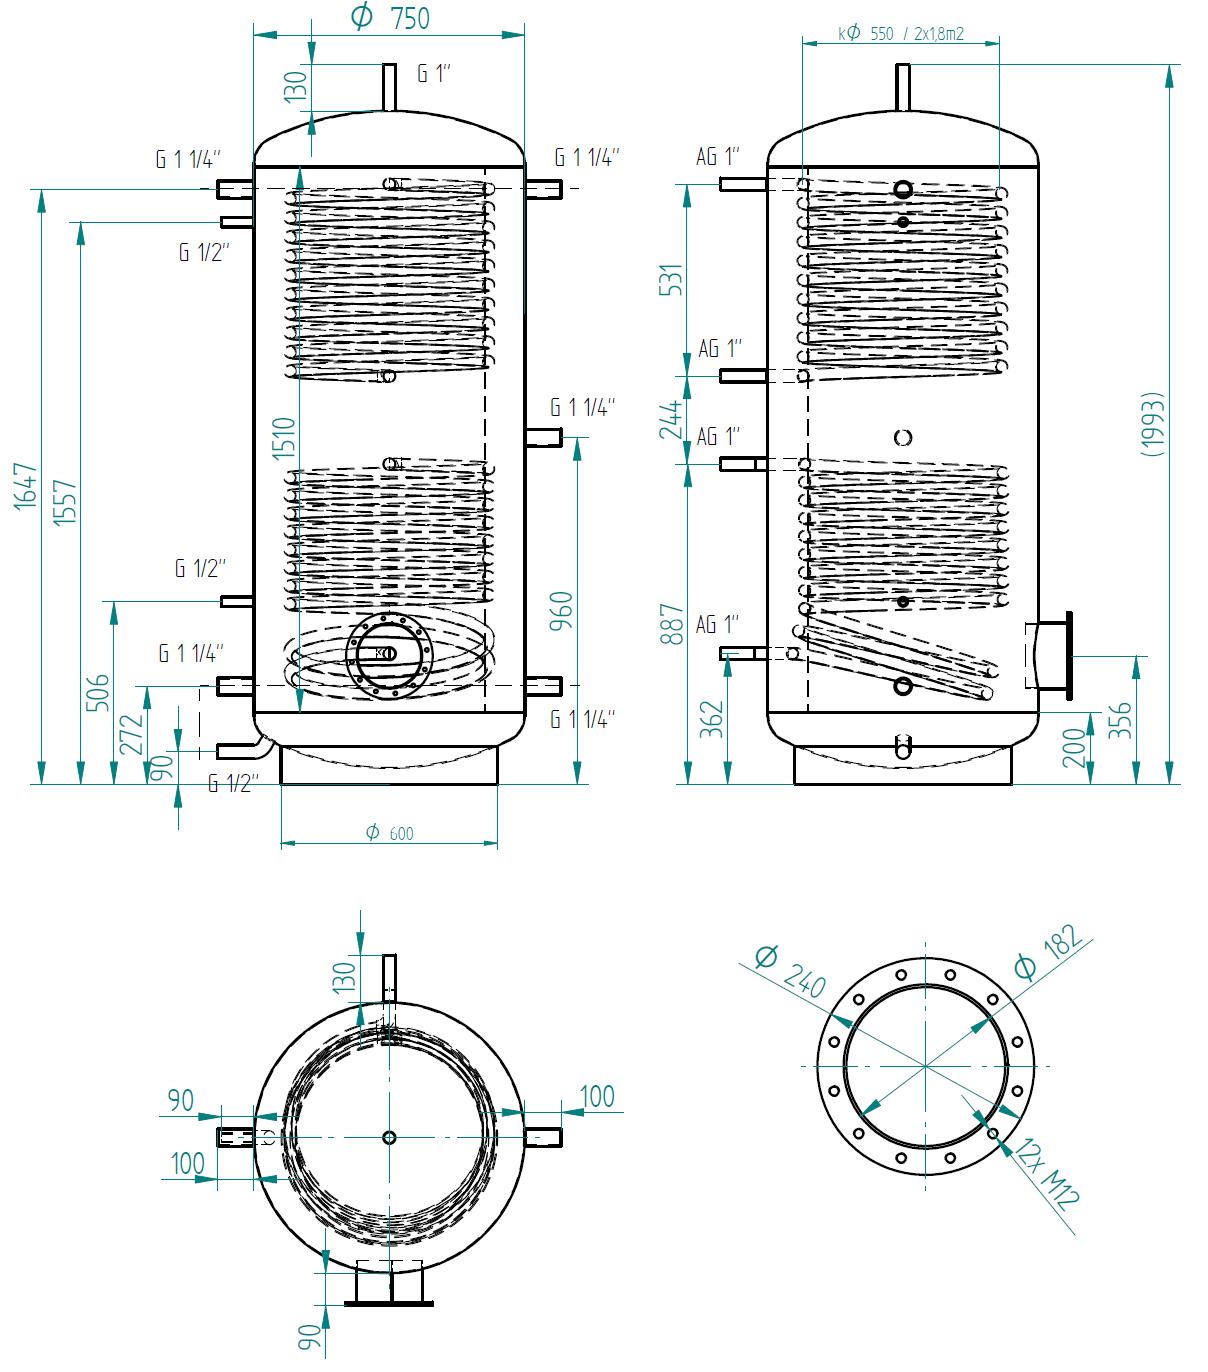 Hot water storage tank 750l se 2 výměníky